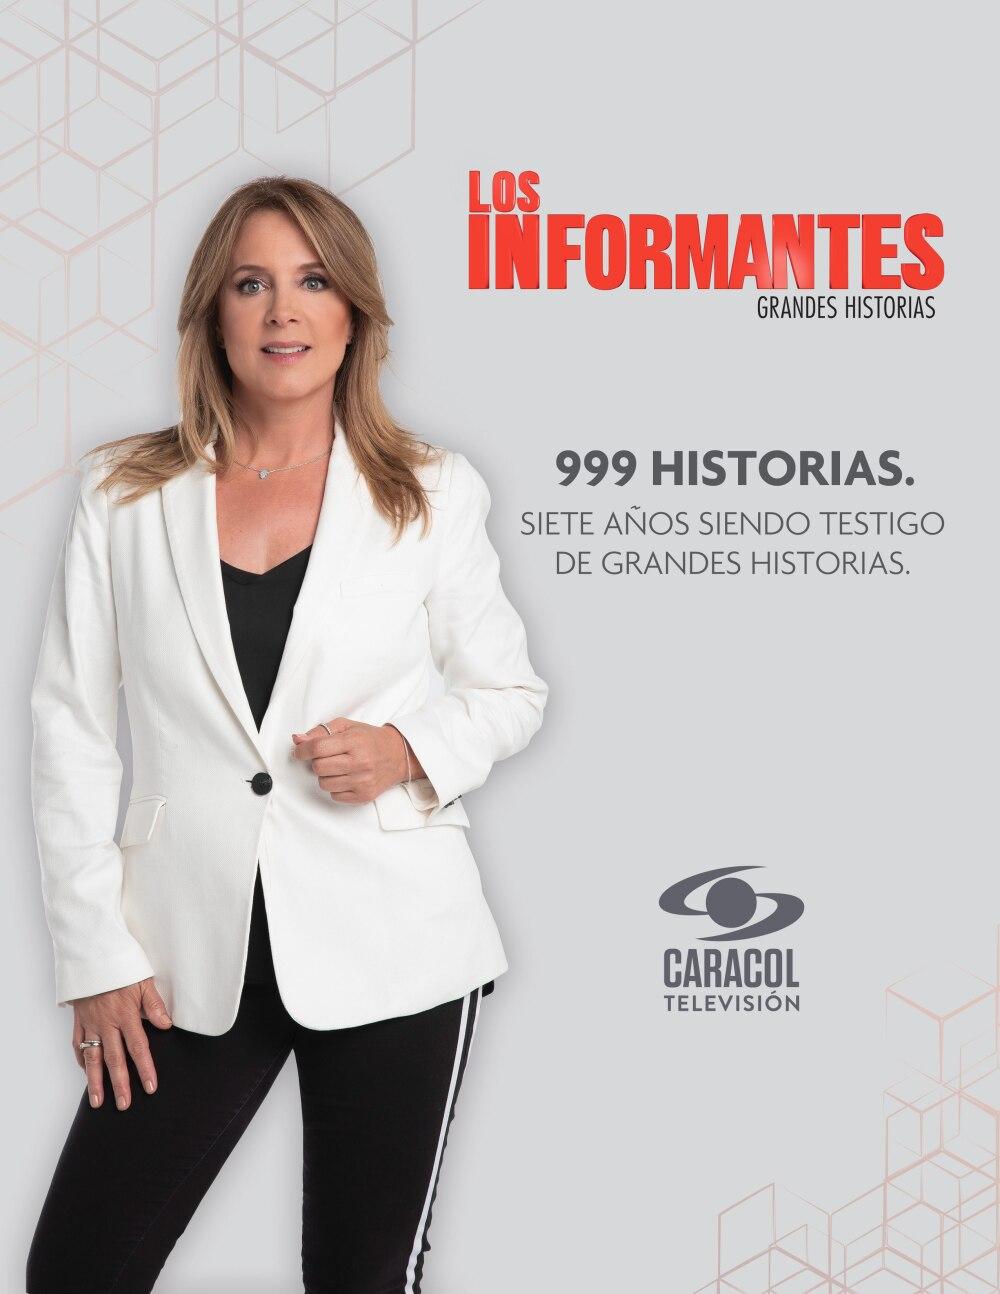 LOS-INFORMANTES-PRENSA-7-AÑOS OK.jpg